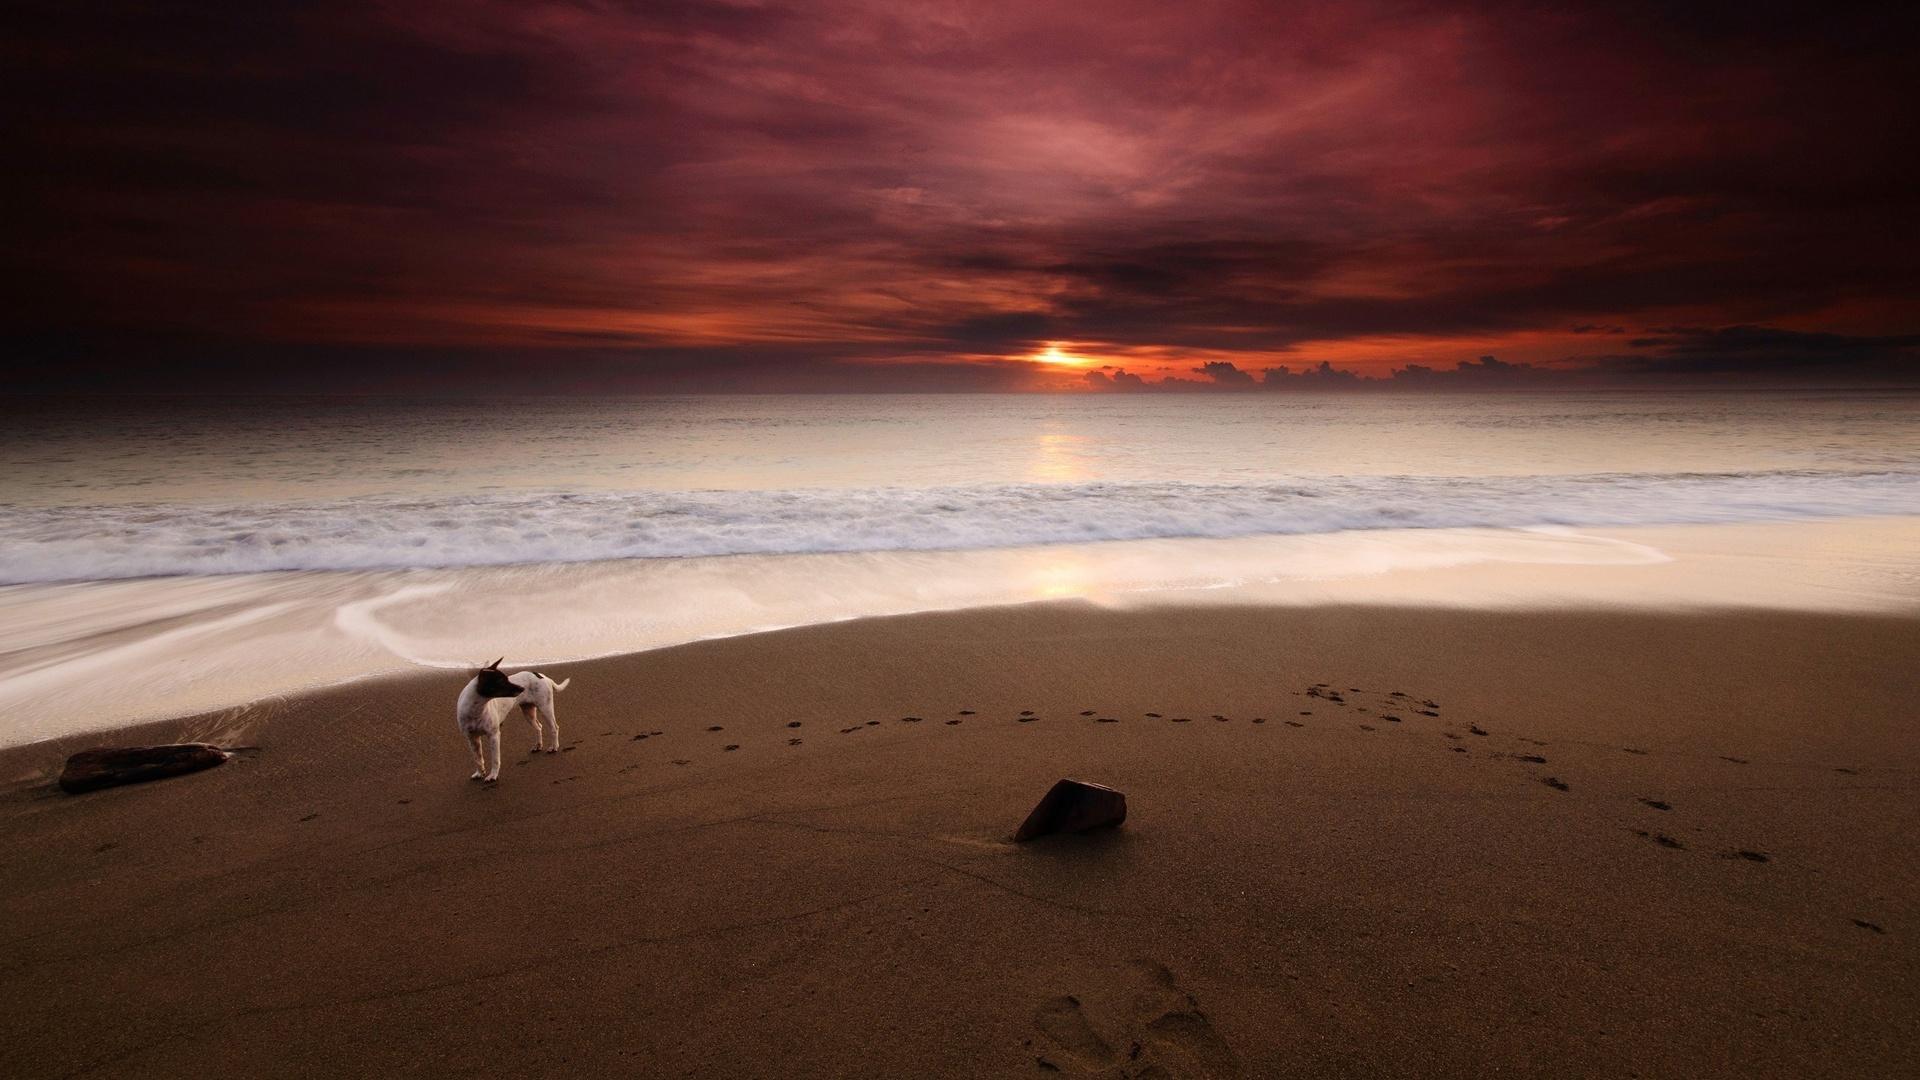 Fotografia con flash en playas - 1920x1080